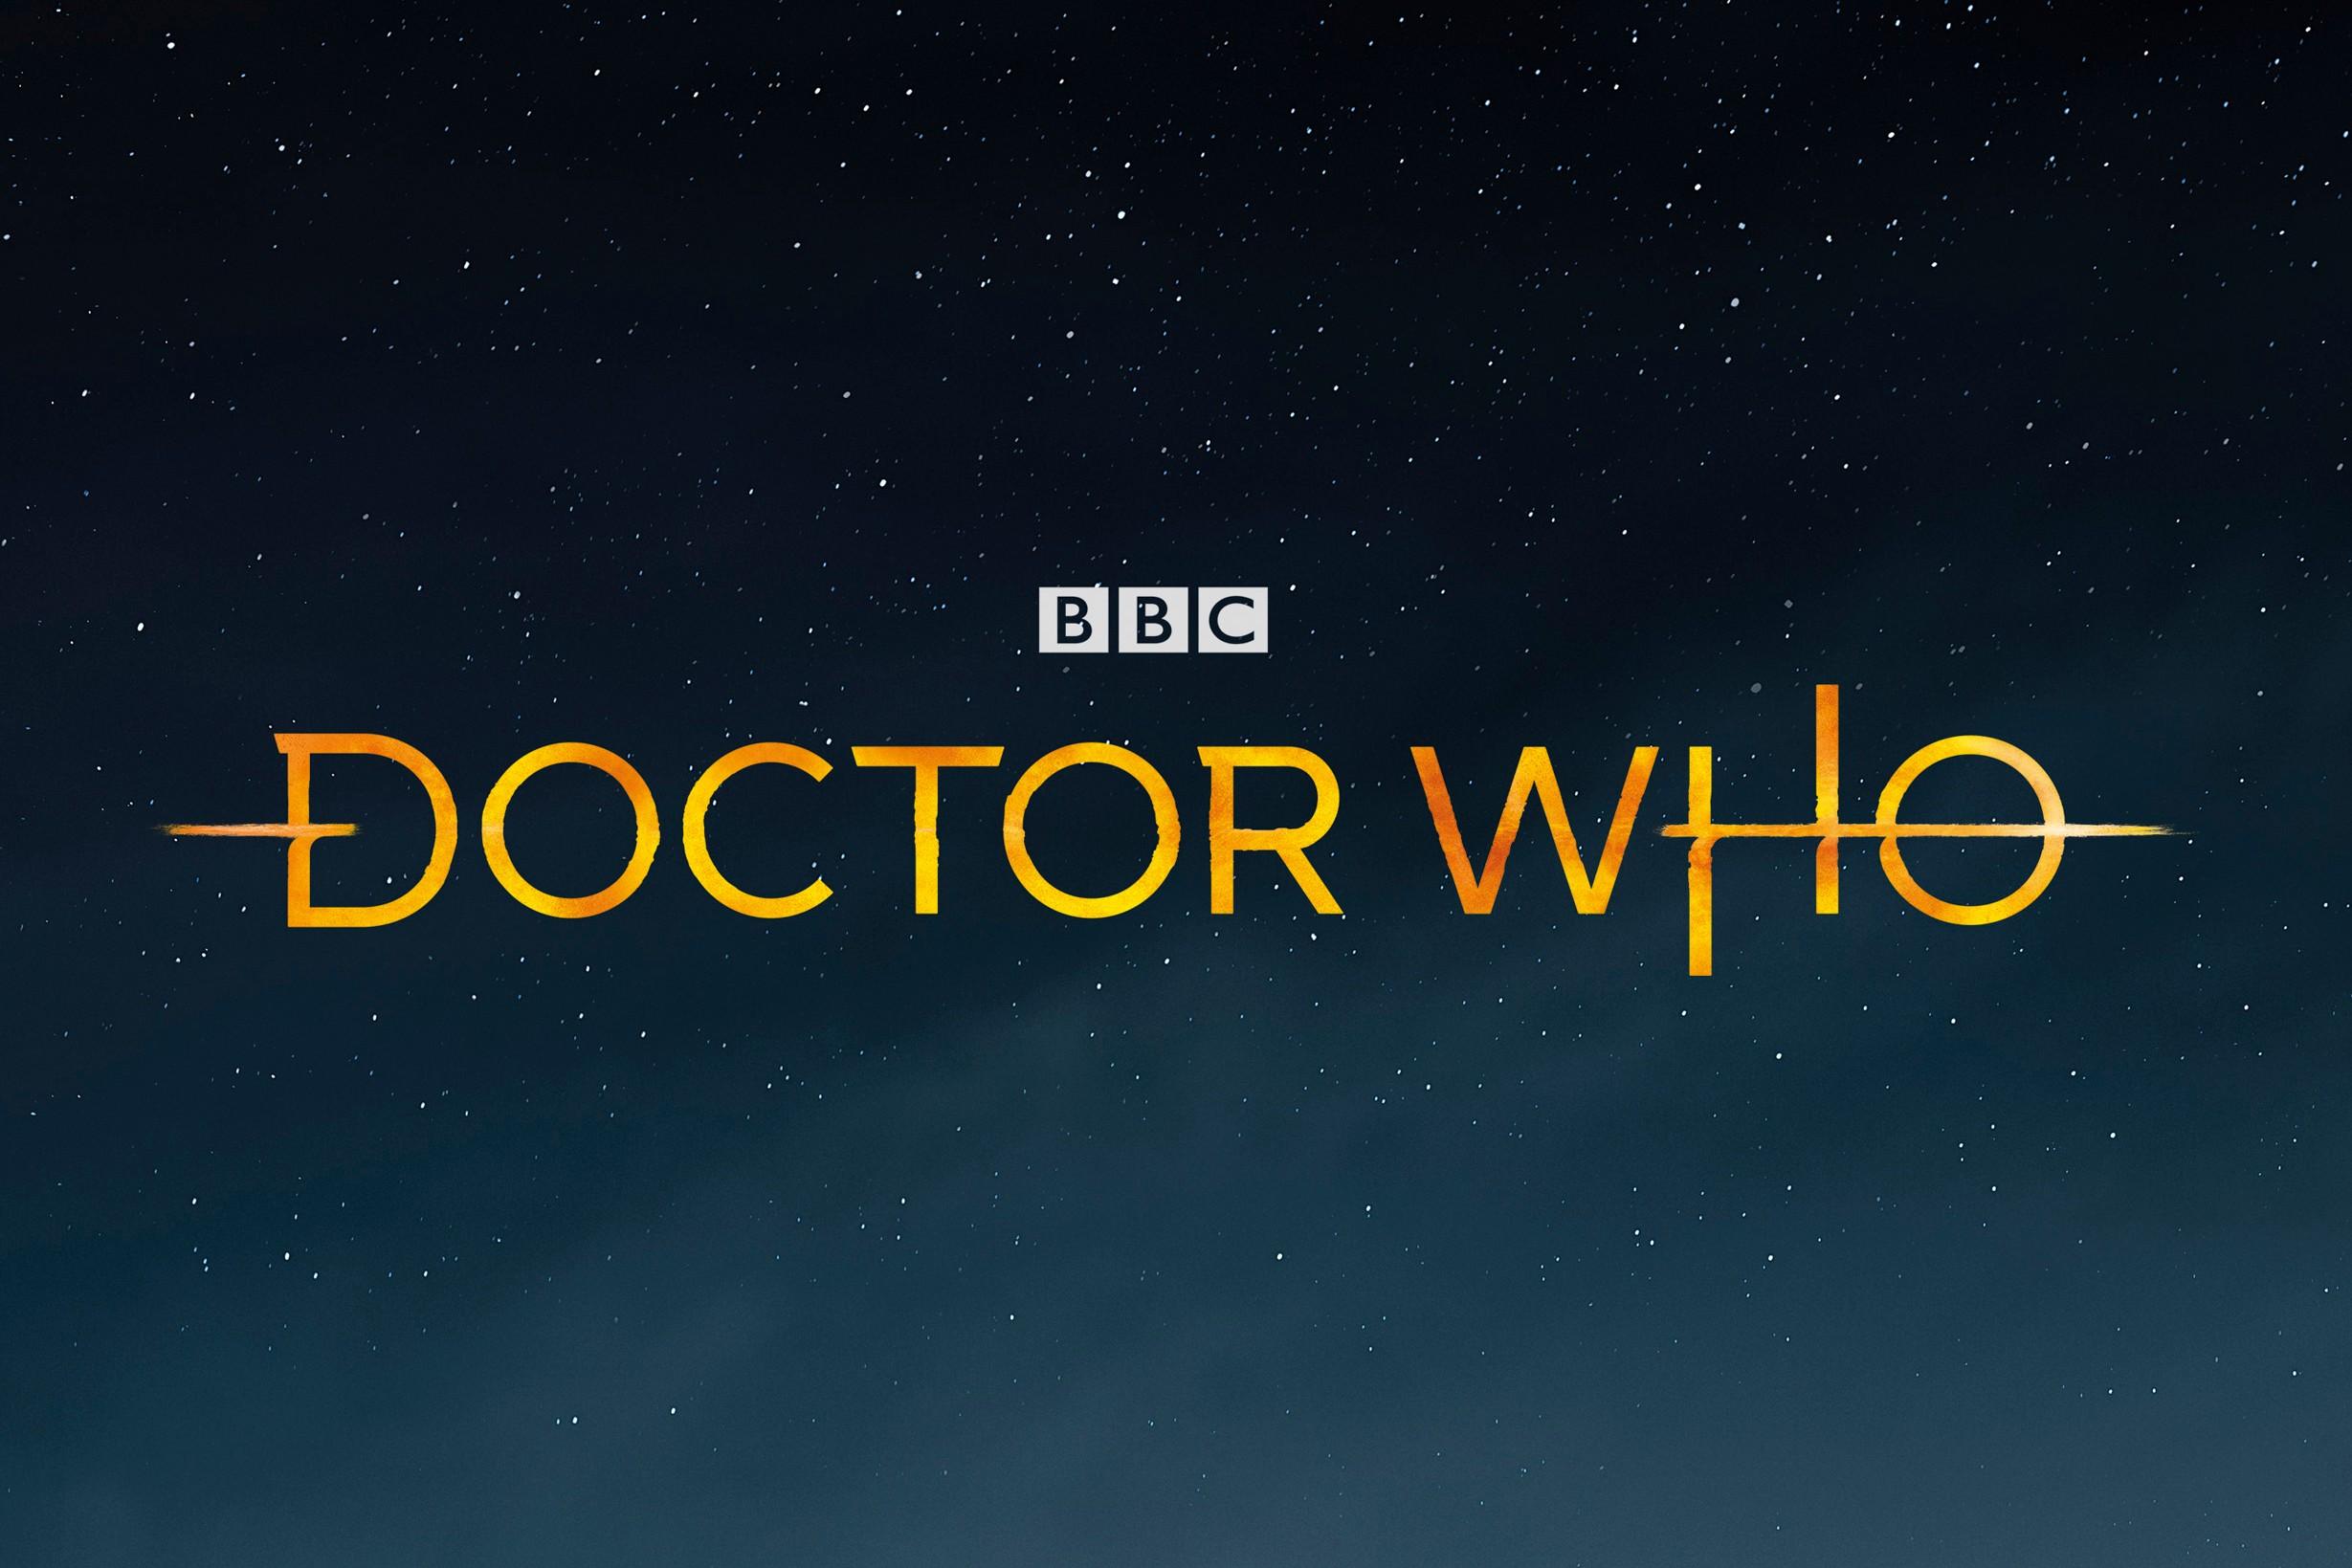 (BBC)